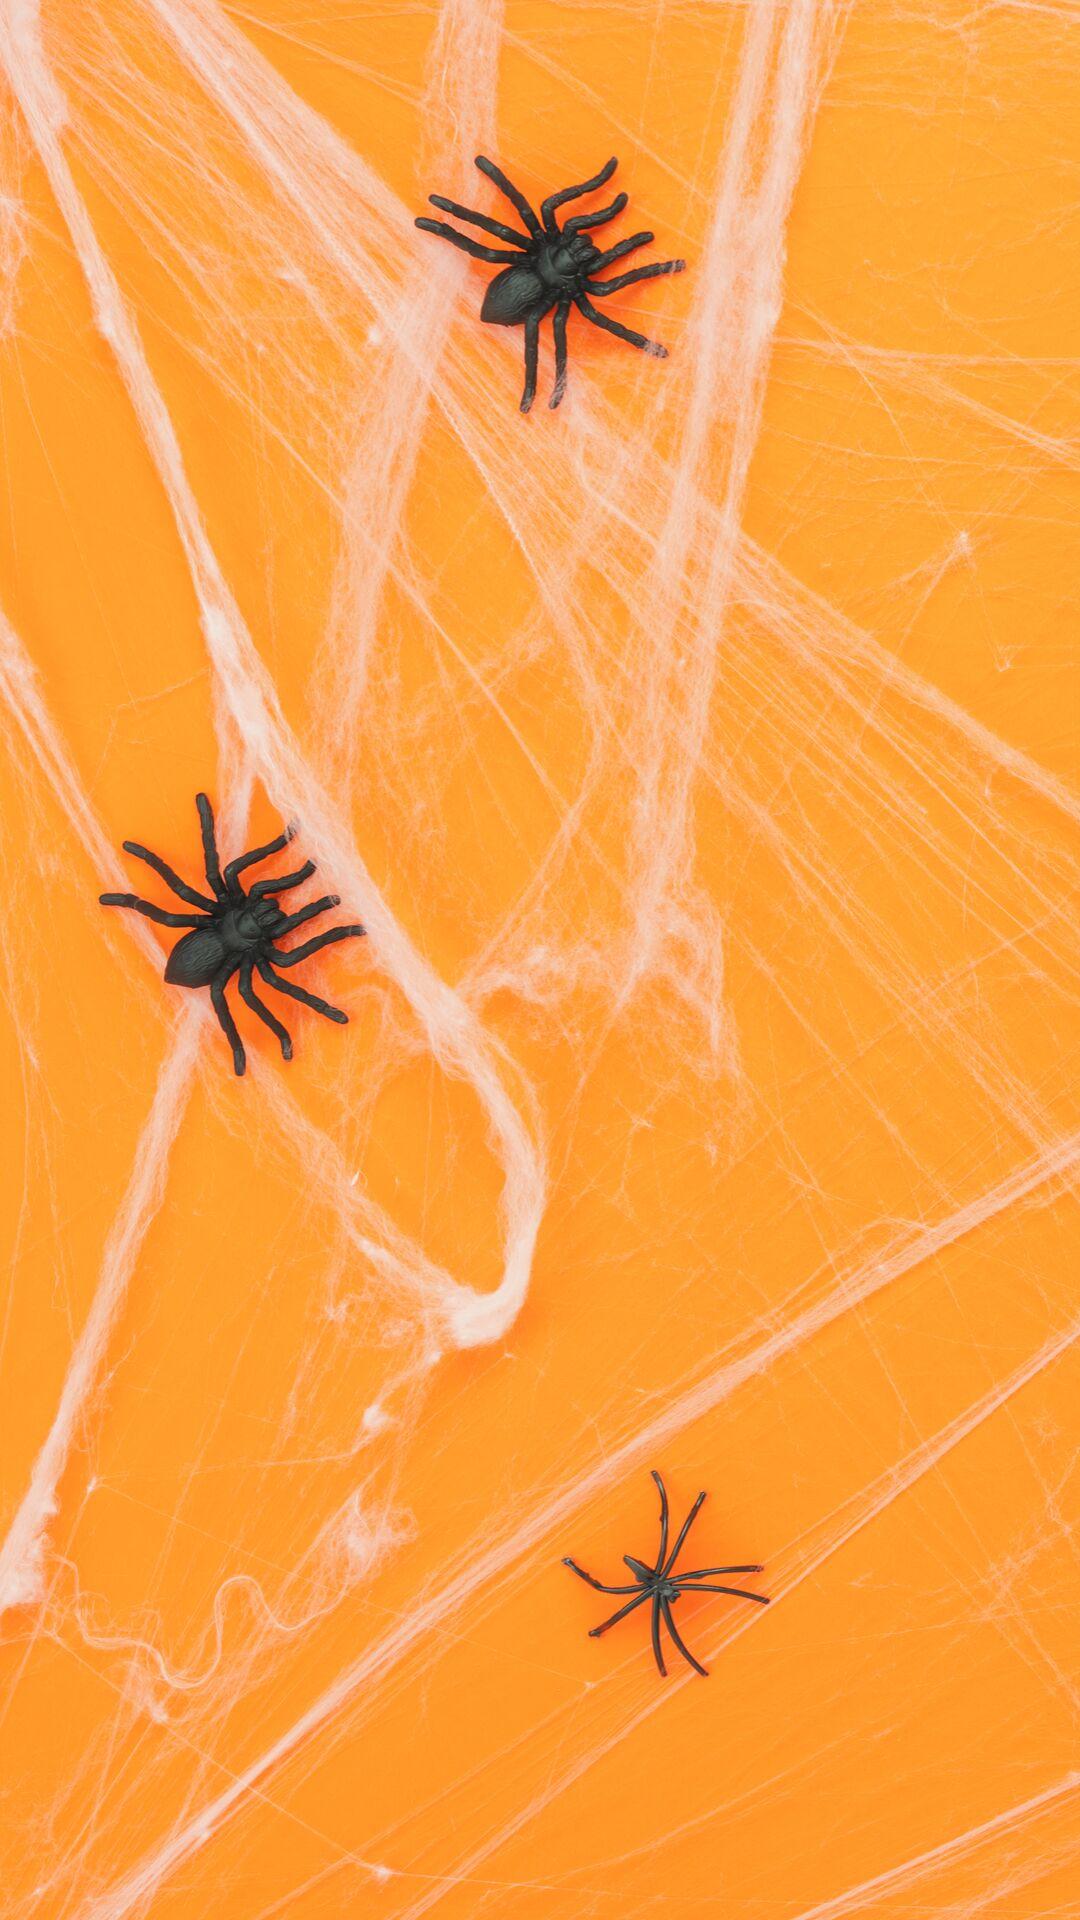 Halloween Wallpaper for iPhone Free Download, Halloween